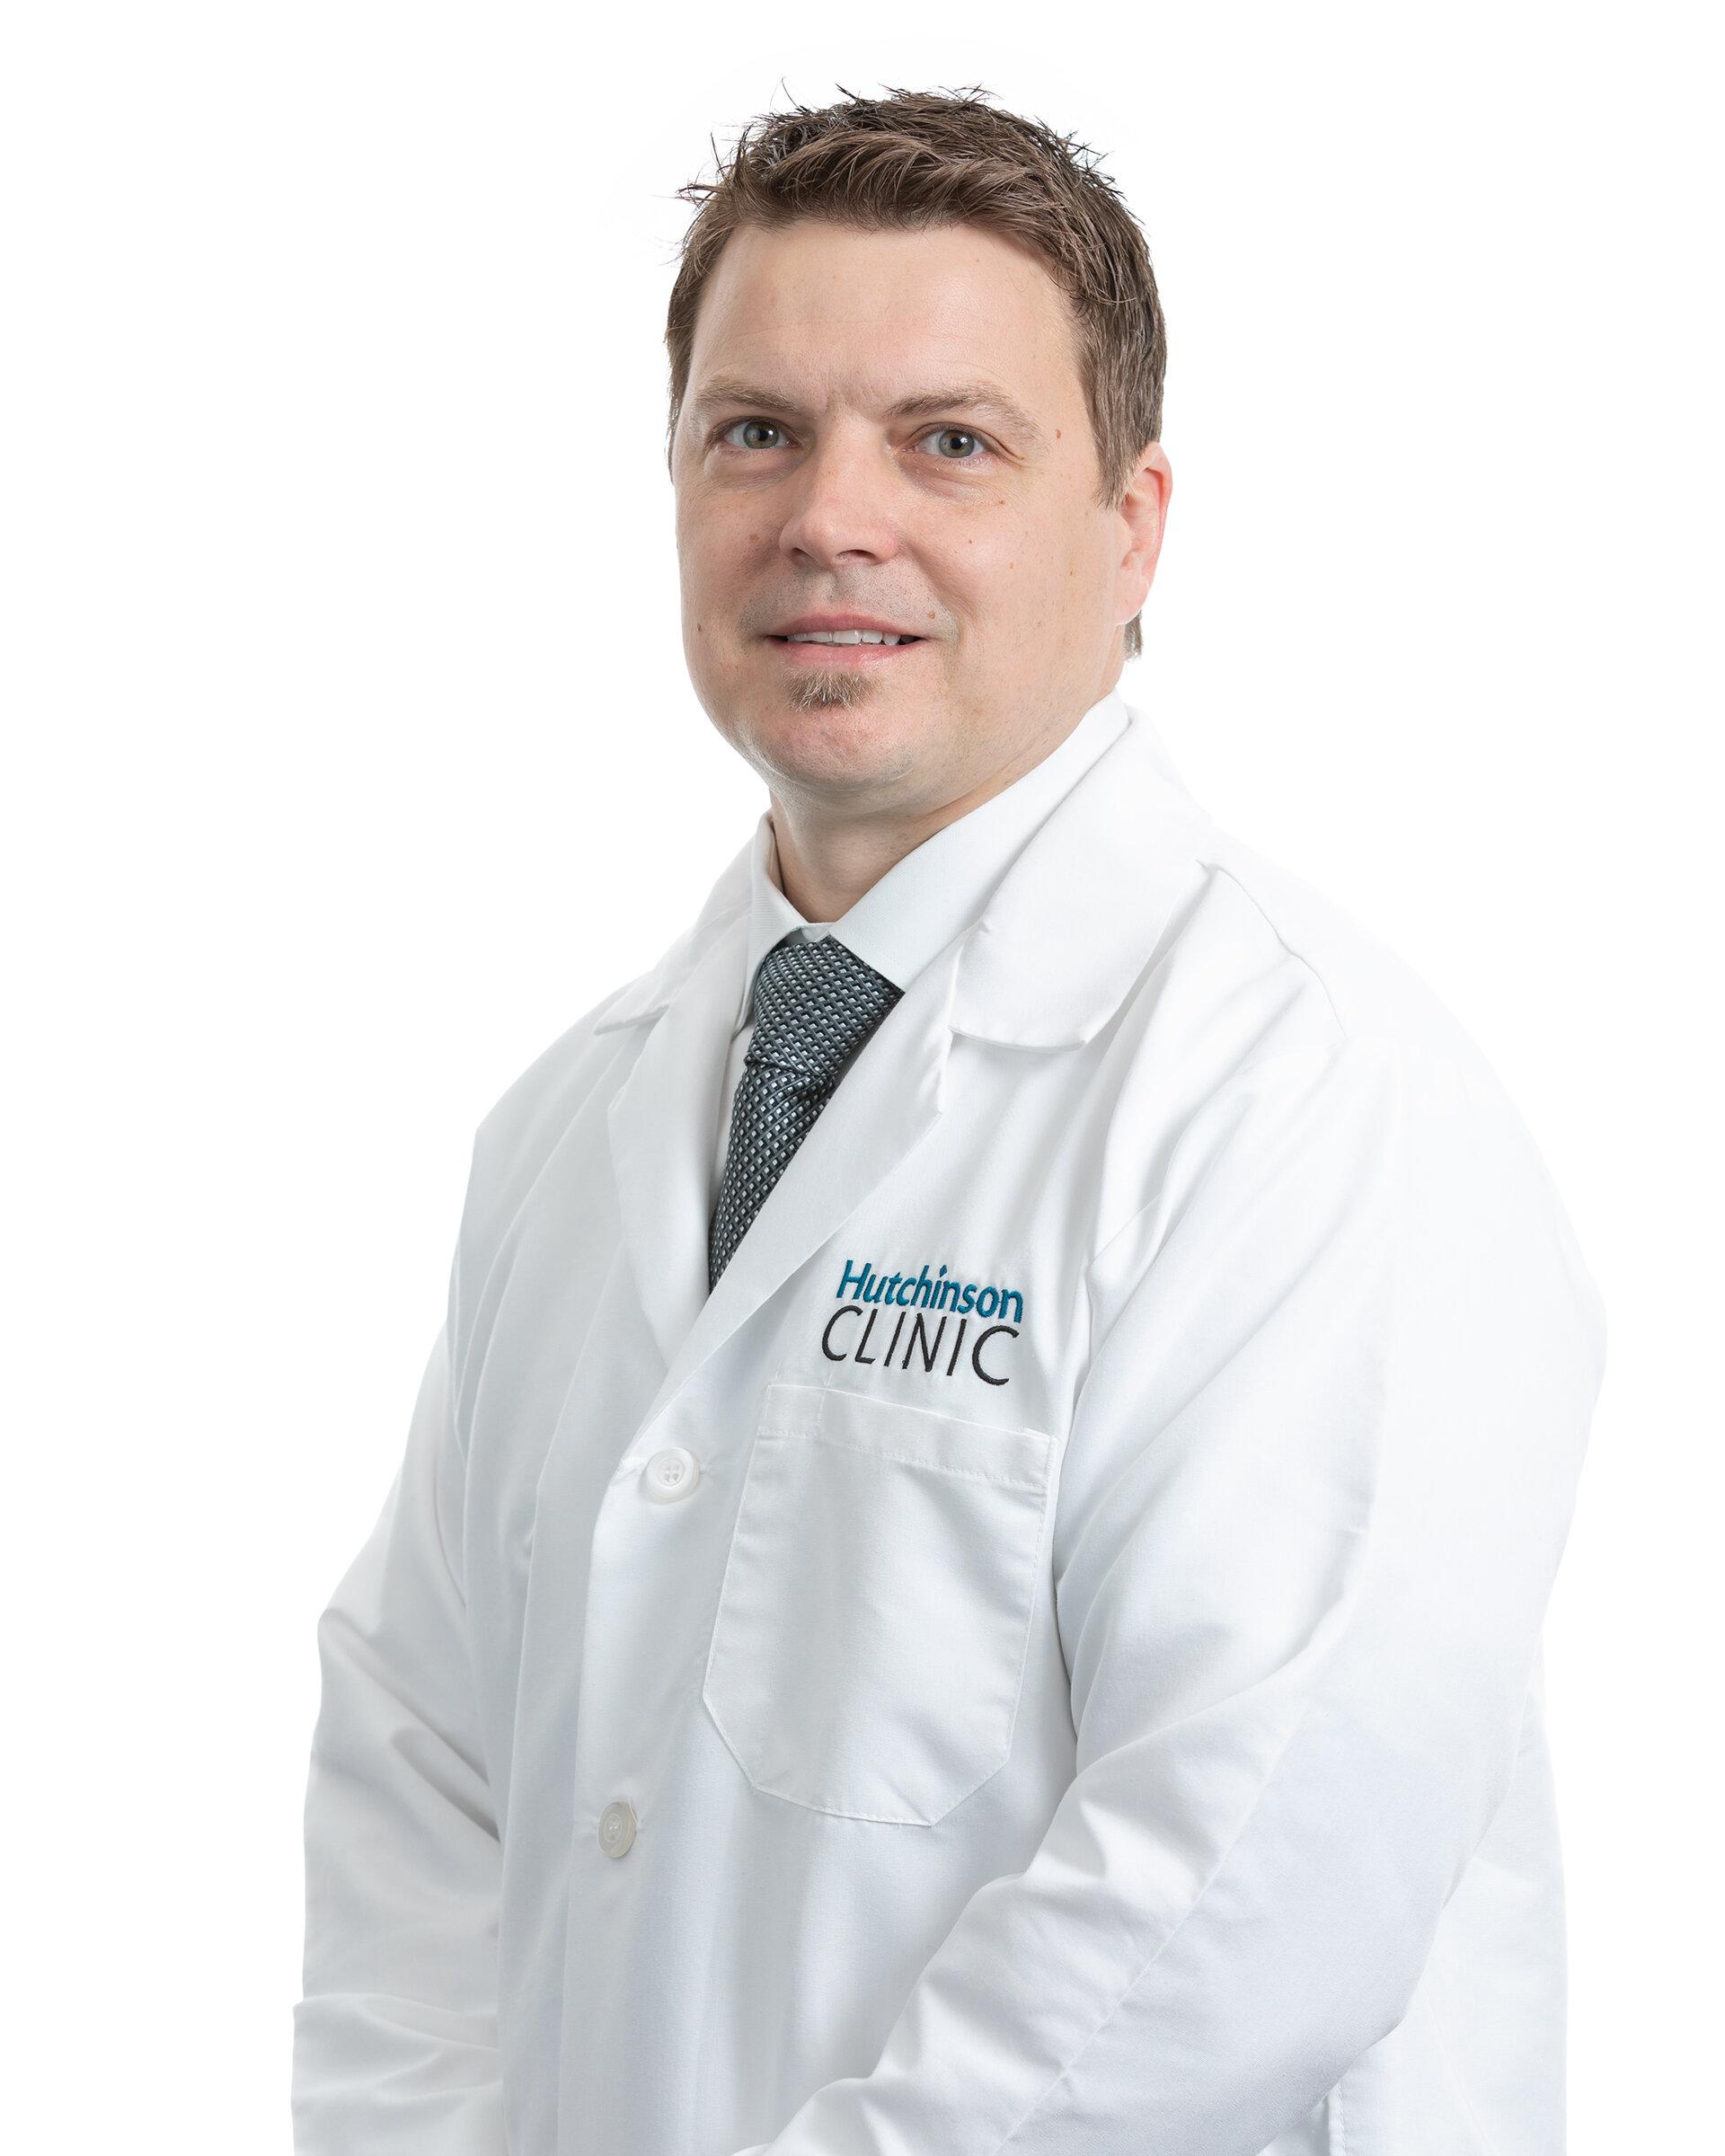 David Gleason, MD, FACS